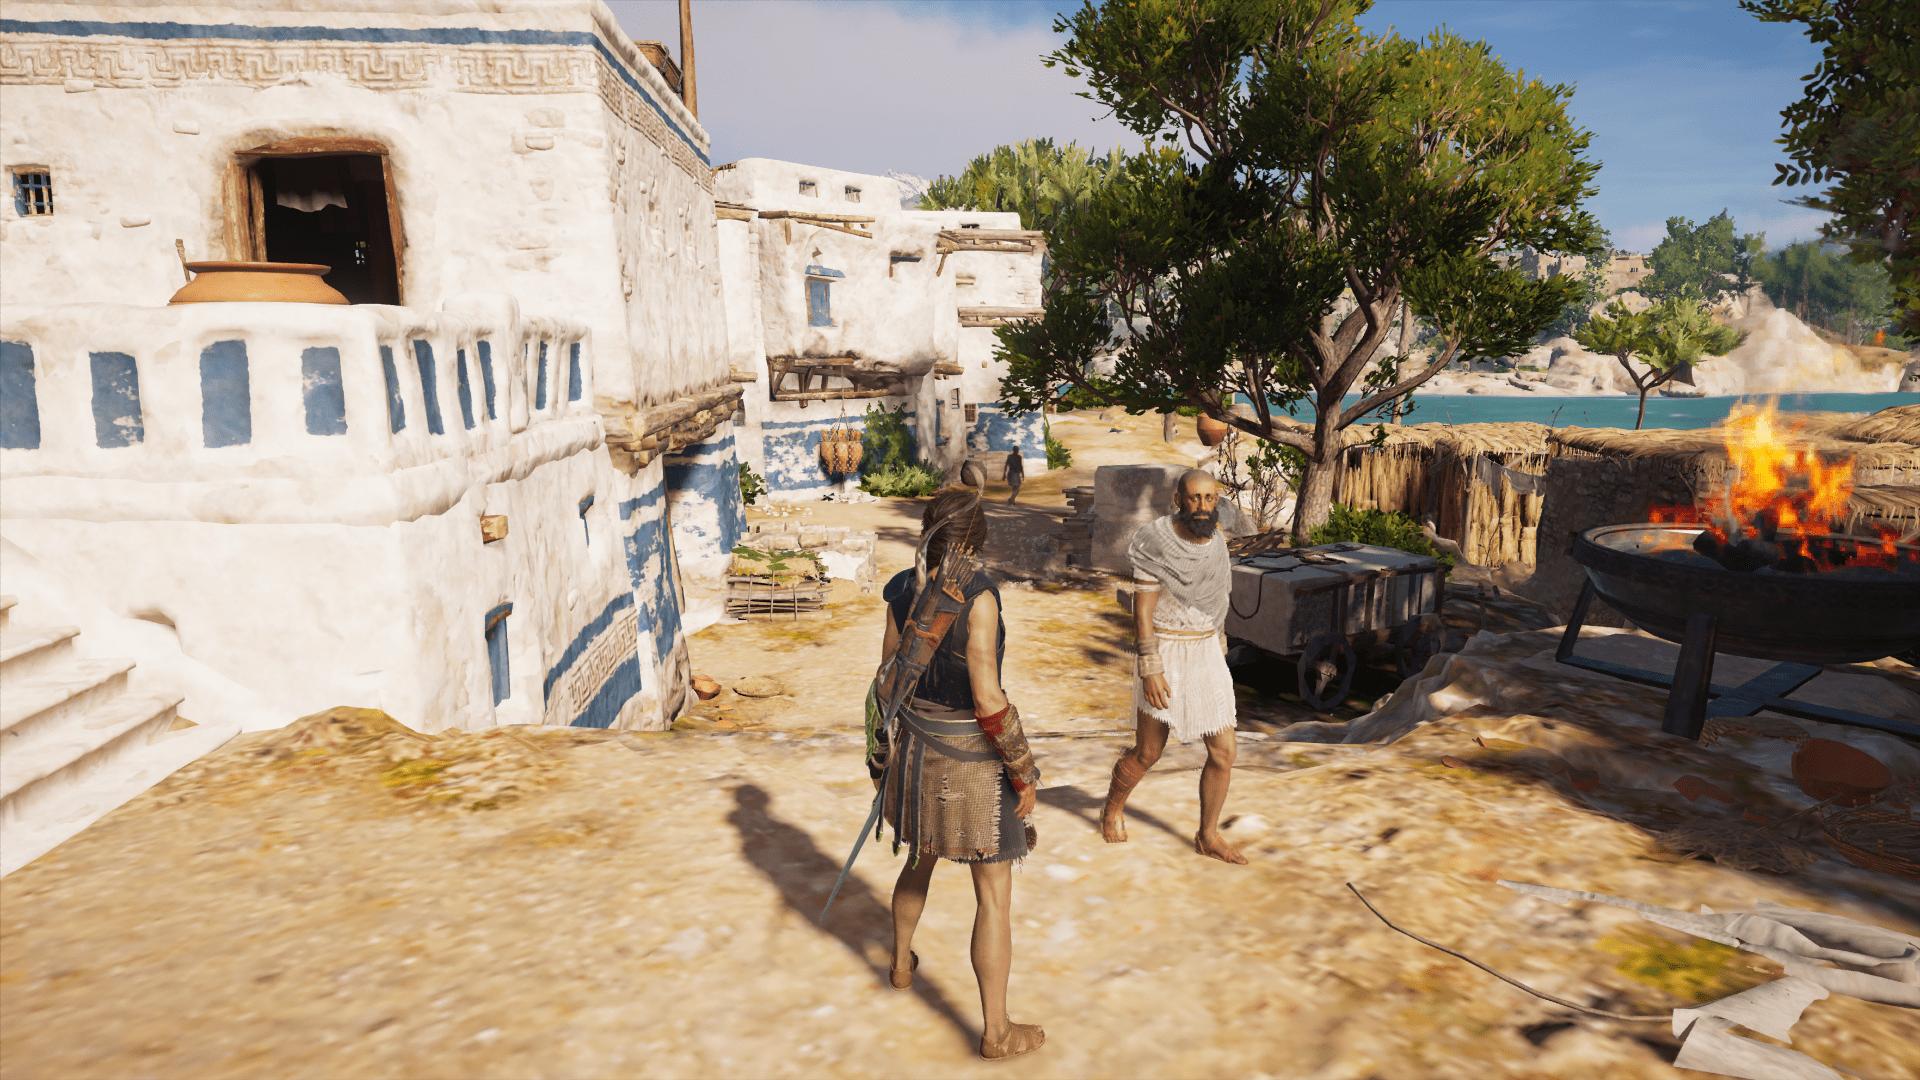 5Basso - Assassin's Creed Odyssey - Recensione come gira su PC